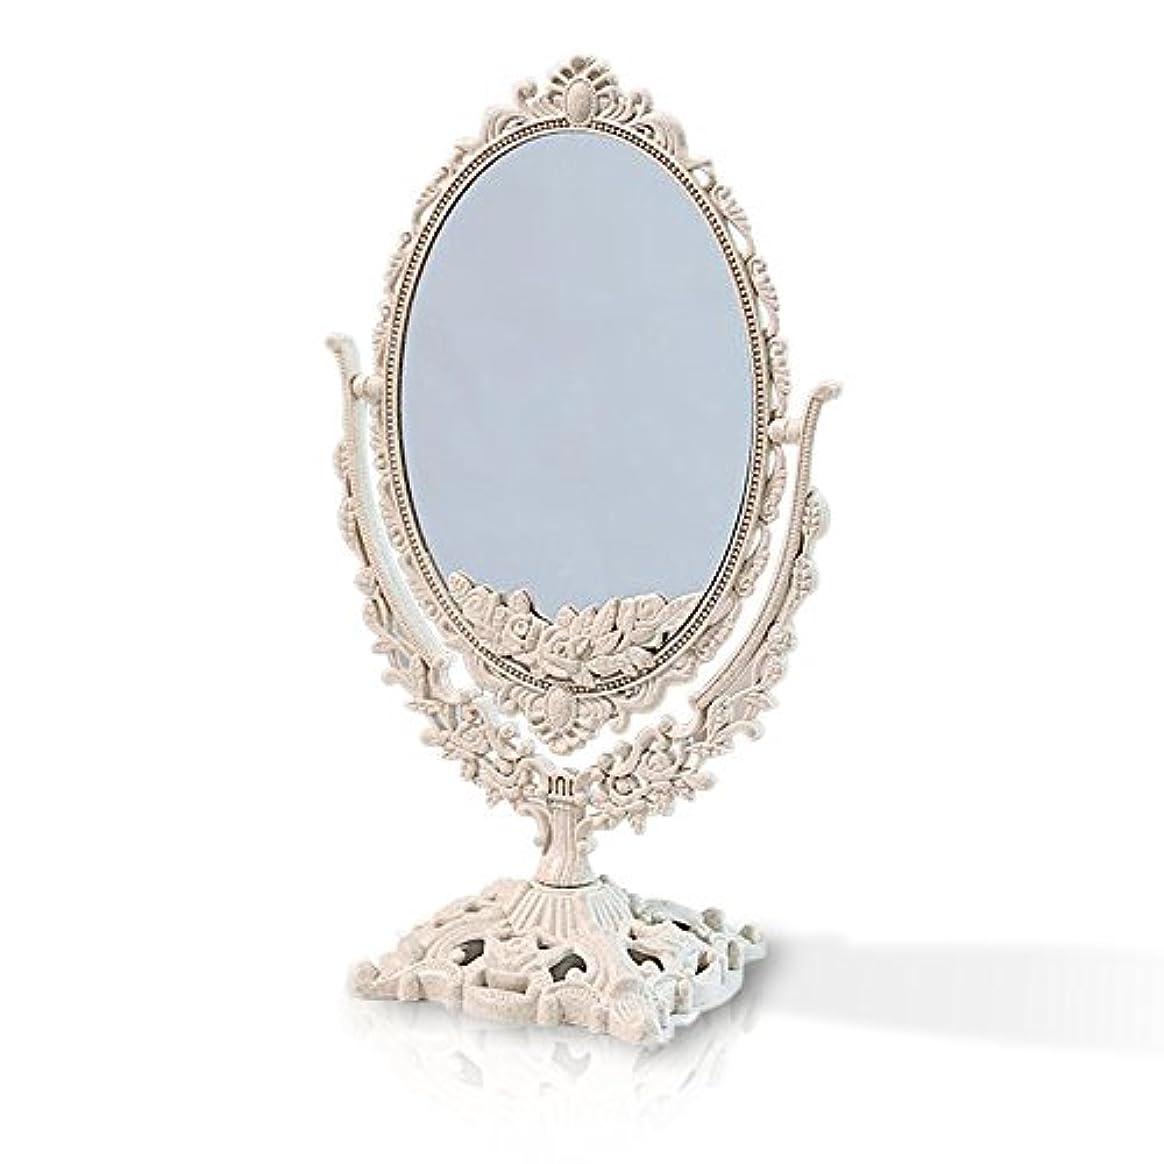 肌寒いセーター必要性桜の雪 【3倍拡大鏡付き】 両面化粧鏡  ヨーロッパ式 (大きい型)